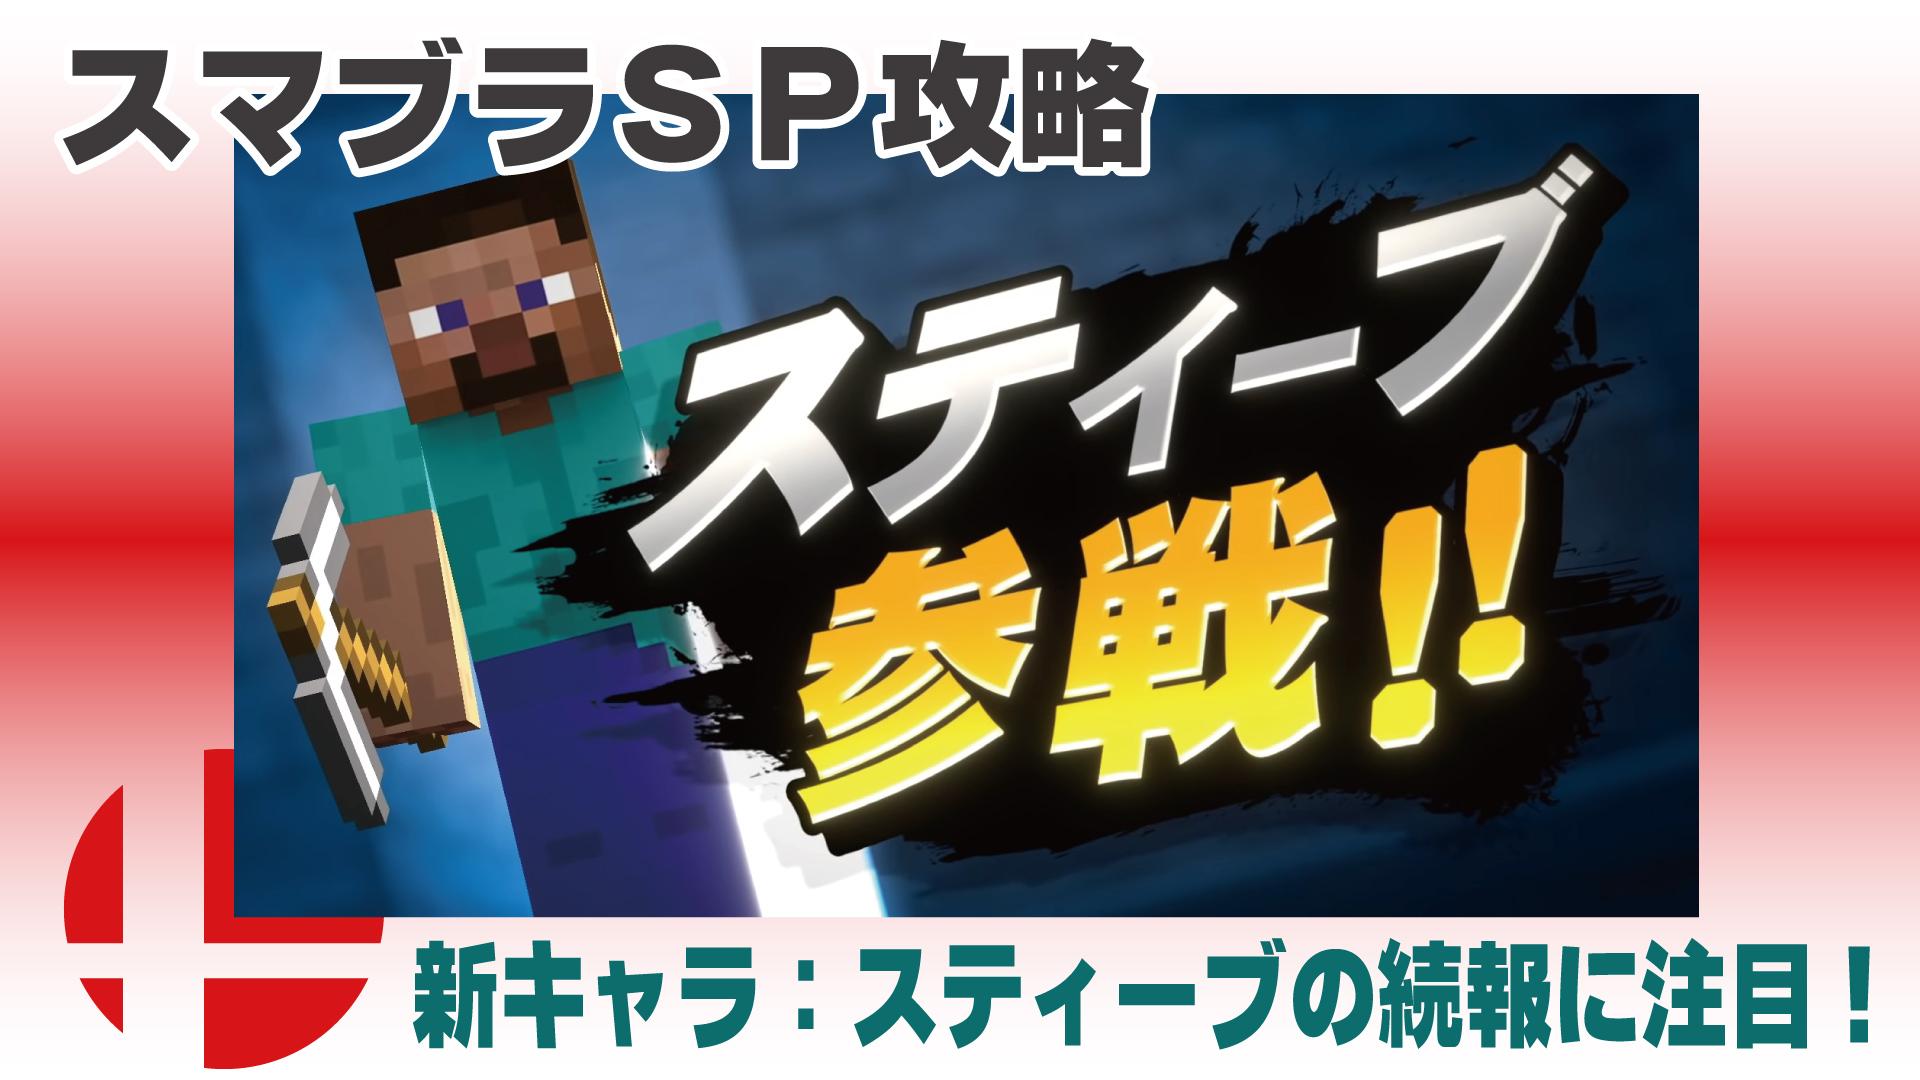 スマブラsp Minecraftから新キャラ スティーブ 参戦 配信日を予想 紹介 Dlc第7弾 Cogmedia